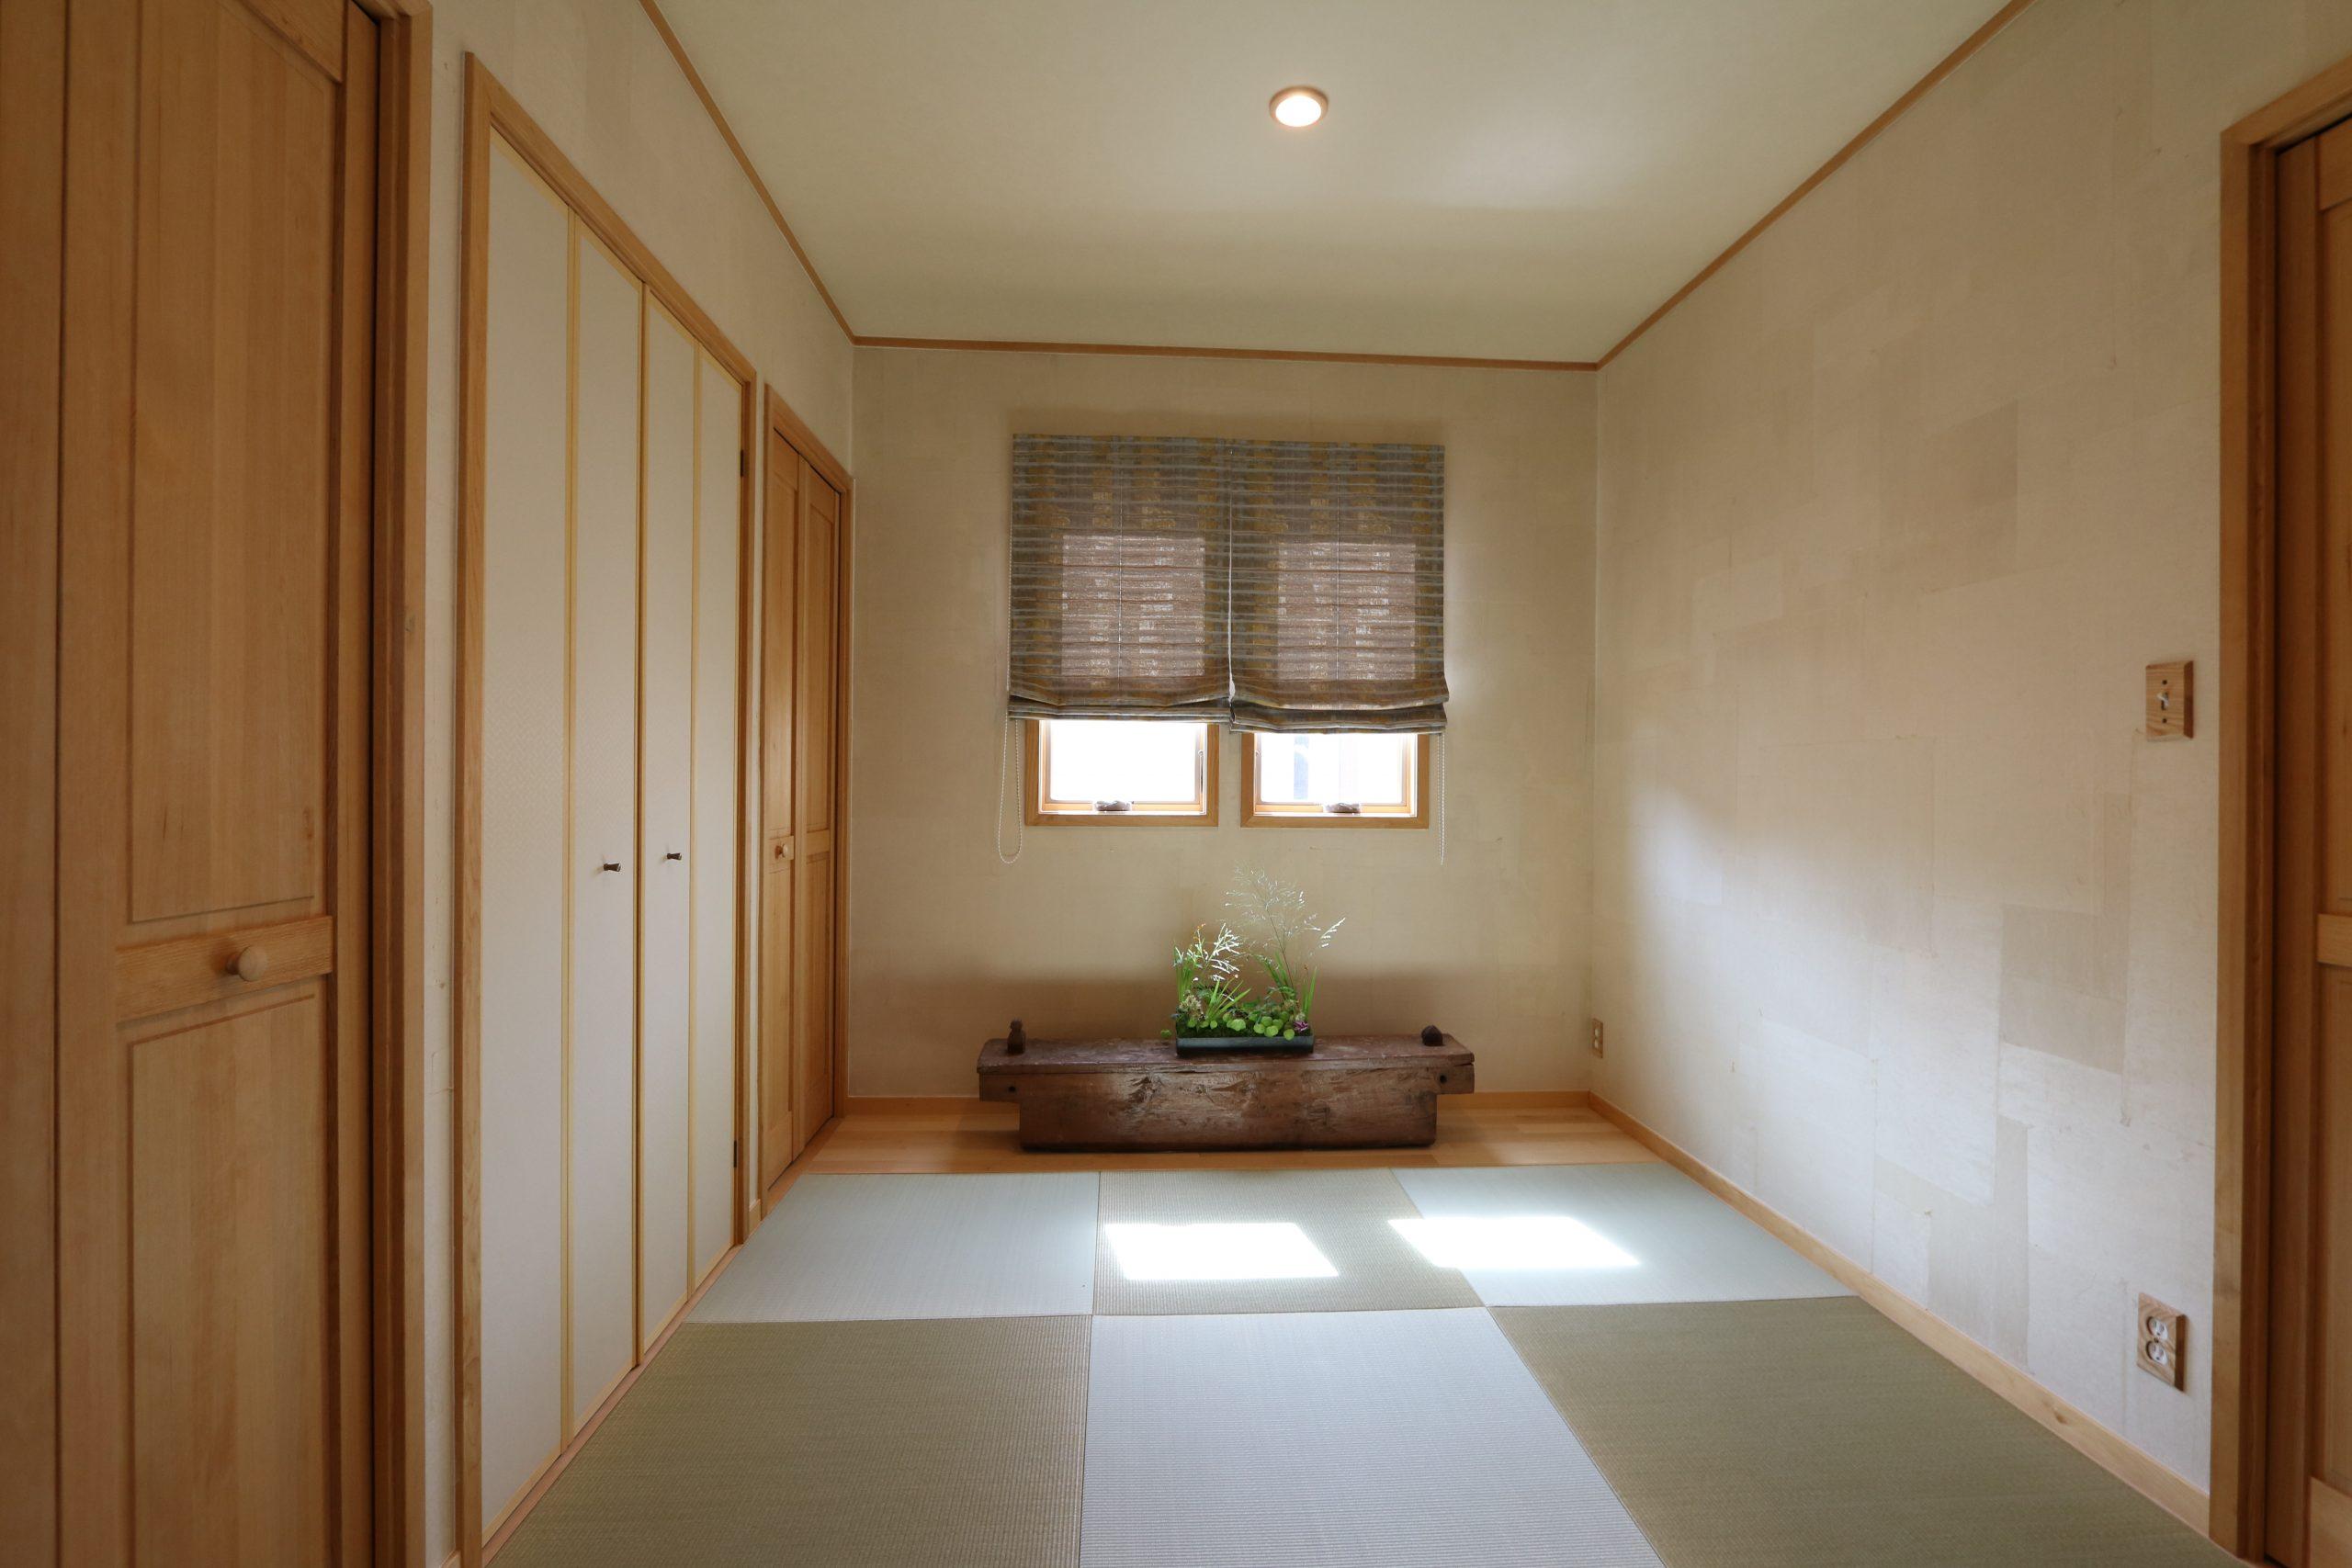 和紙を重ね貼りにした壁。仏壇収納、布団収納たっぷりの和室。